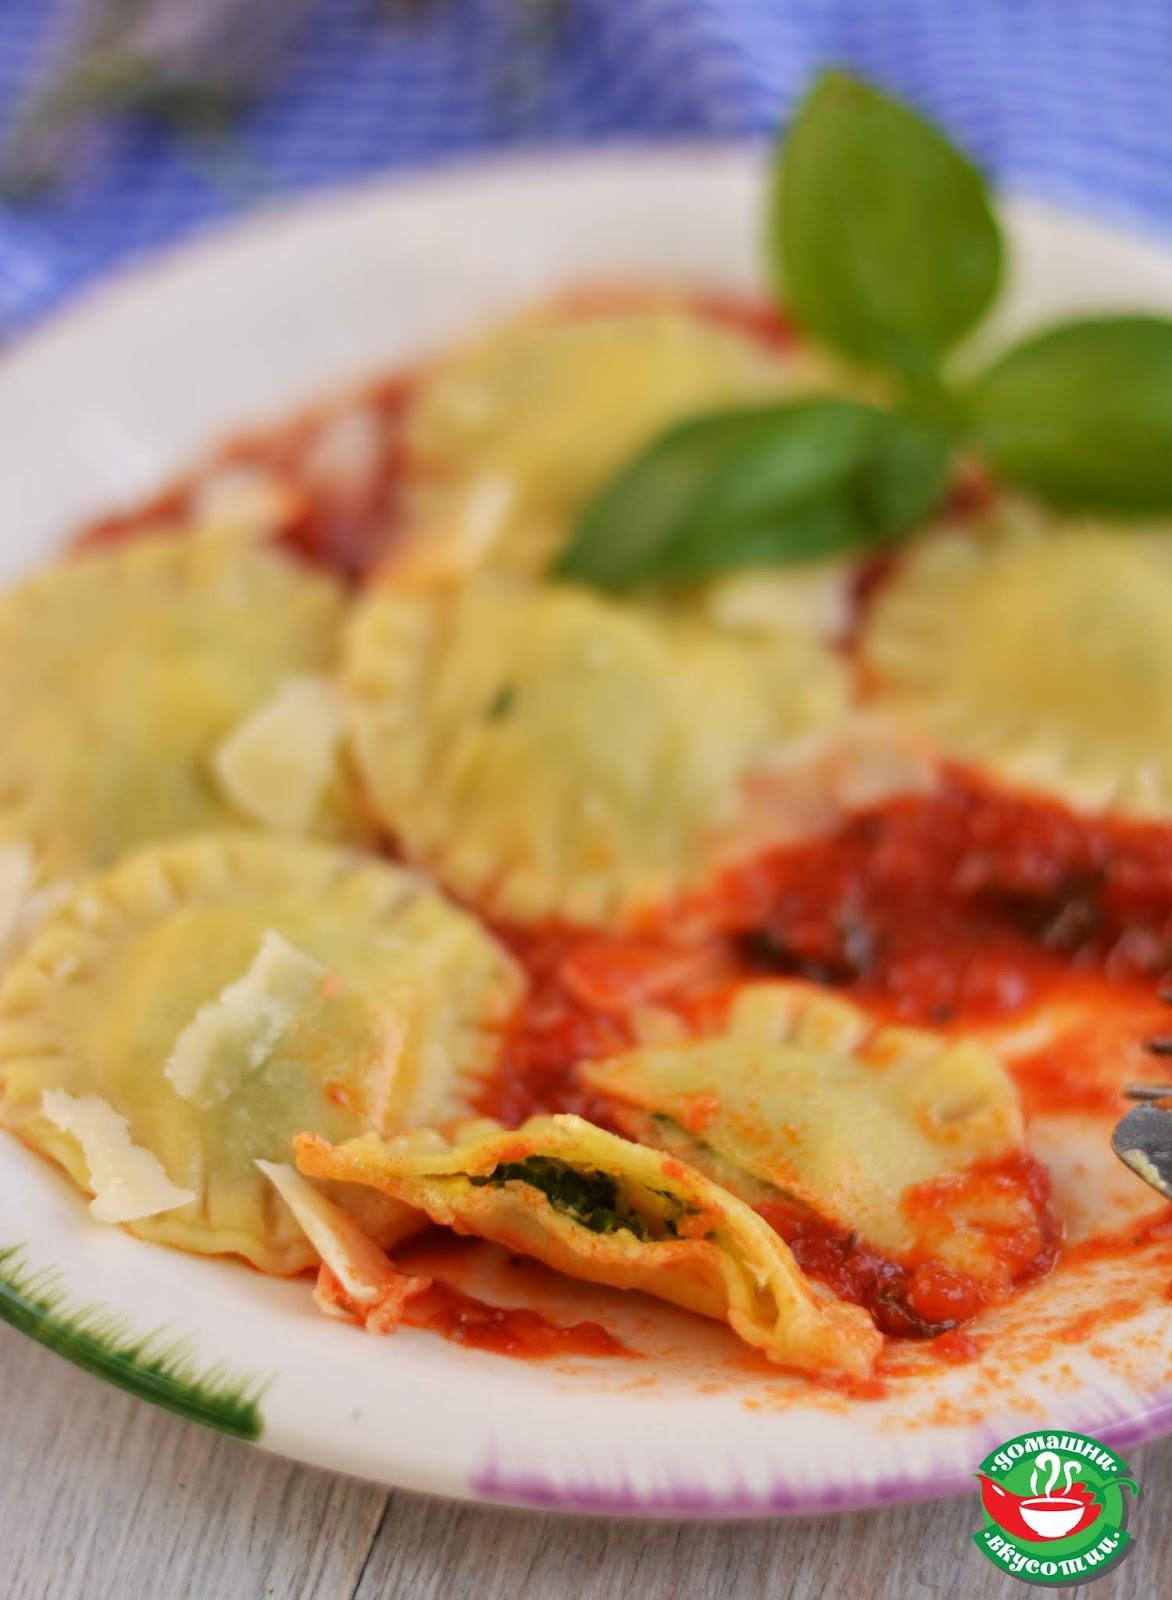 нарязани равиоли с моцарела и босилек поднесени с доматен сос стрък босилек